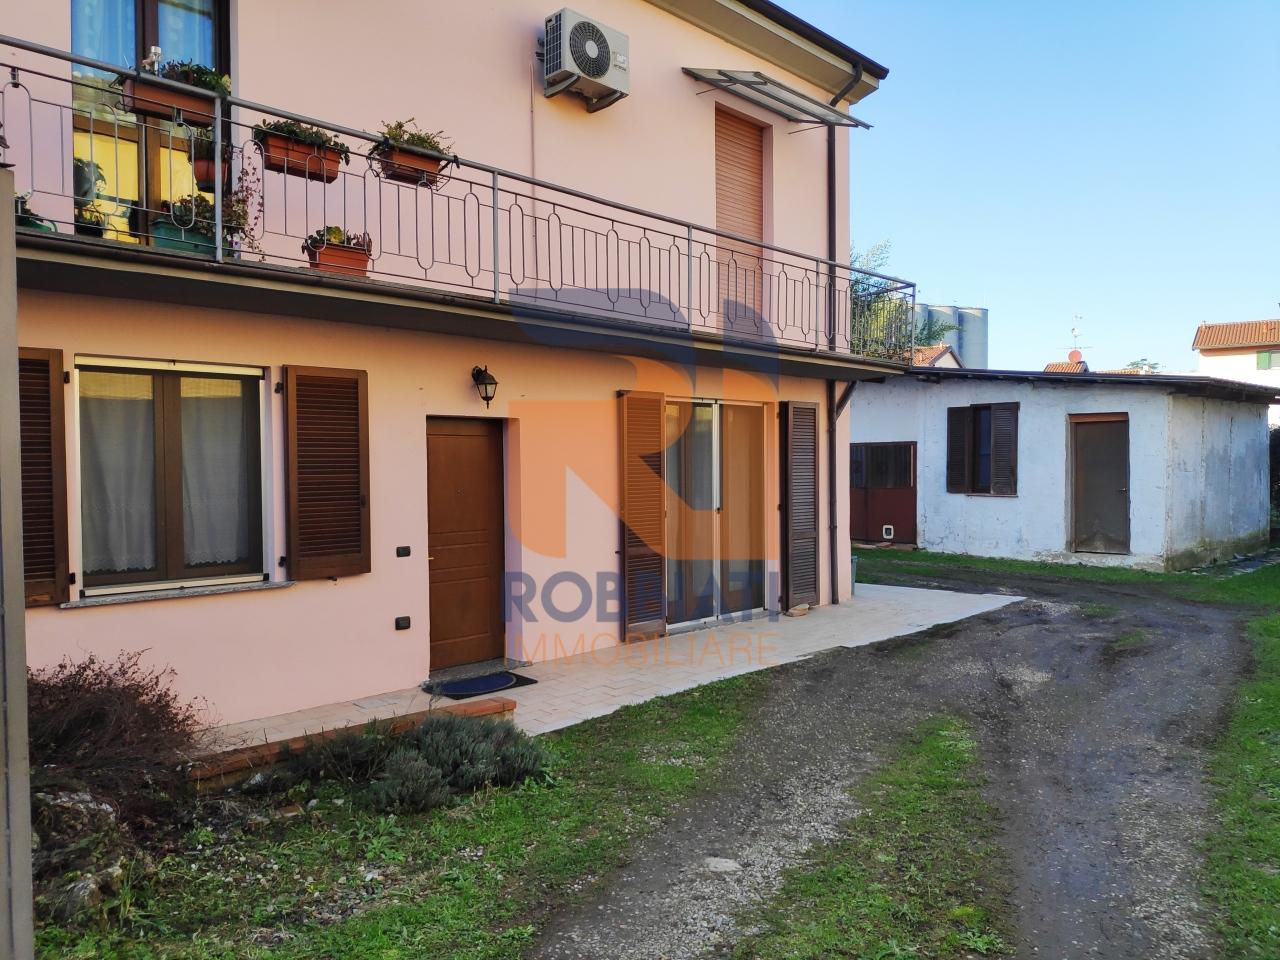 Appartamento in vendita a San Martino Siccomario, 4 locali, prezzo € 155.000 | PortaleAgenzieImmobiliari.it